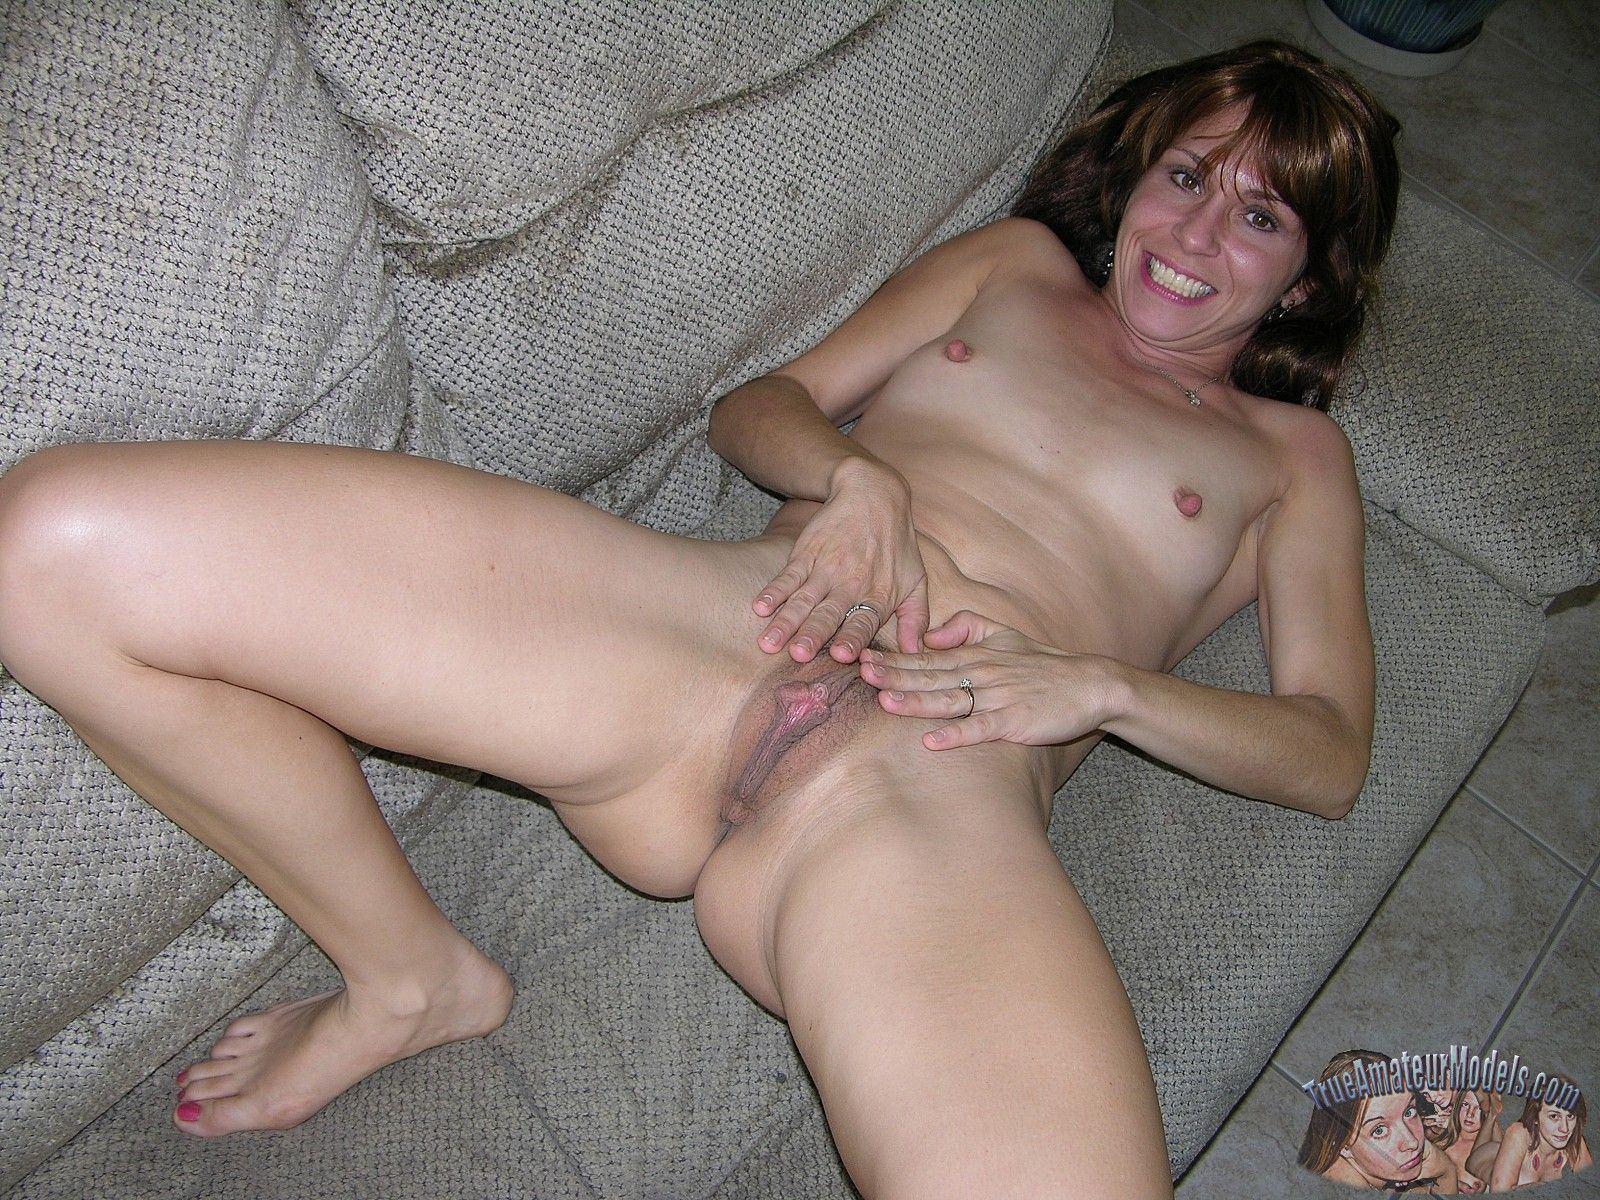 Rapunzel recommendet amateur topless models Mature